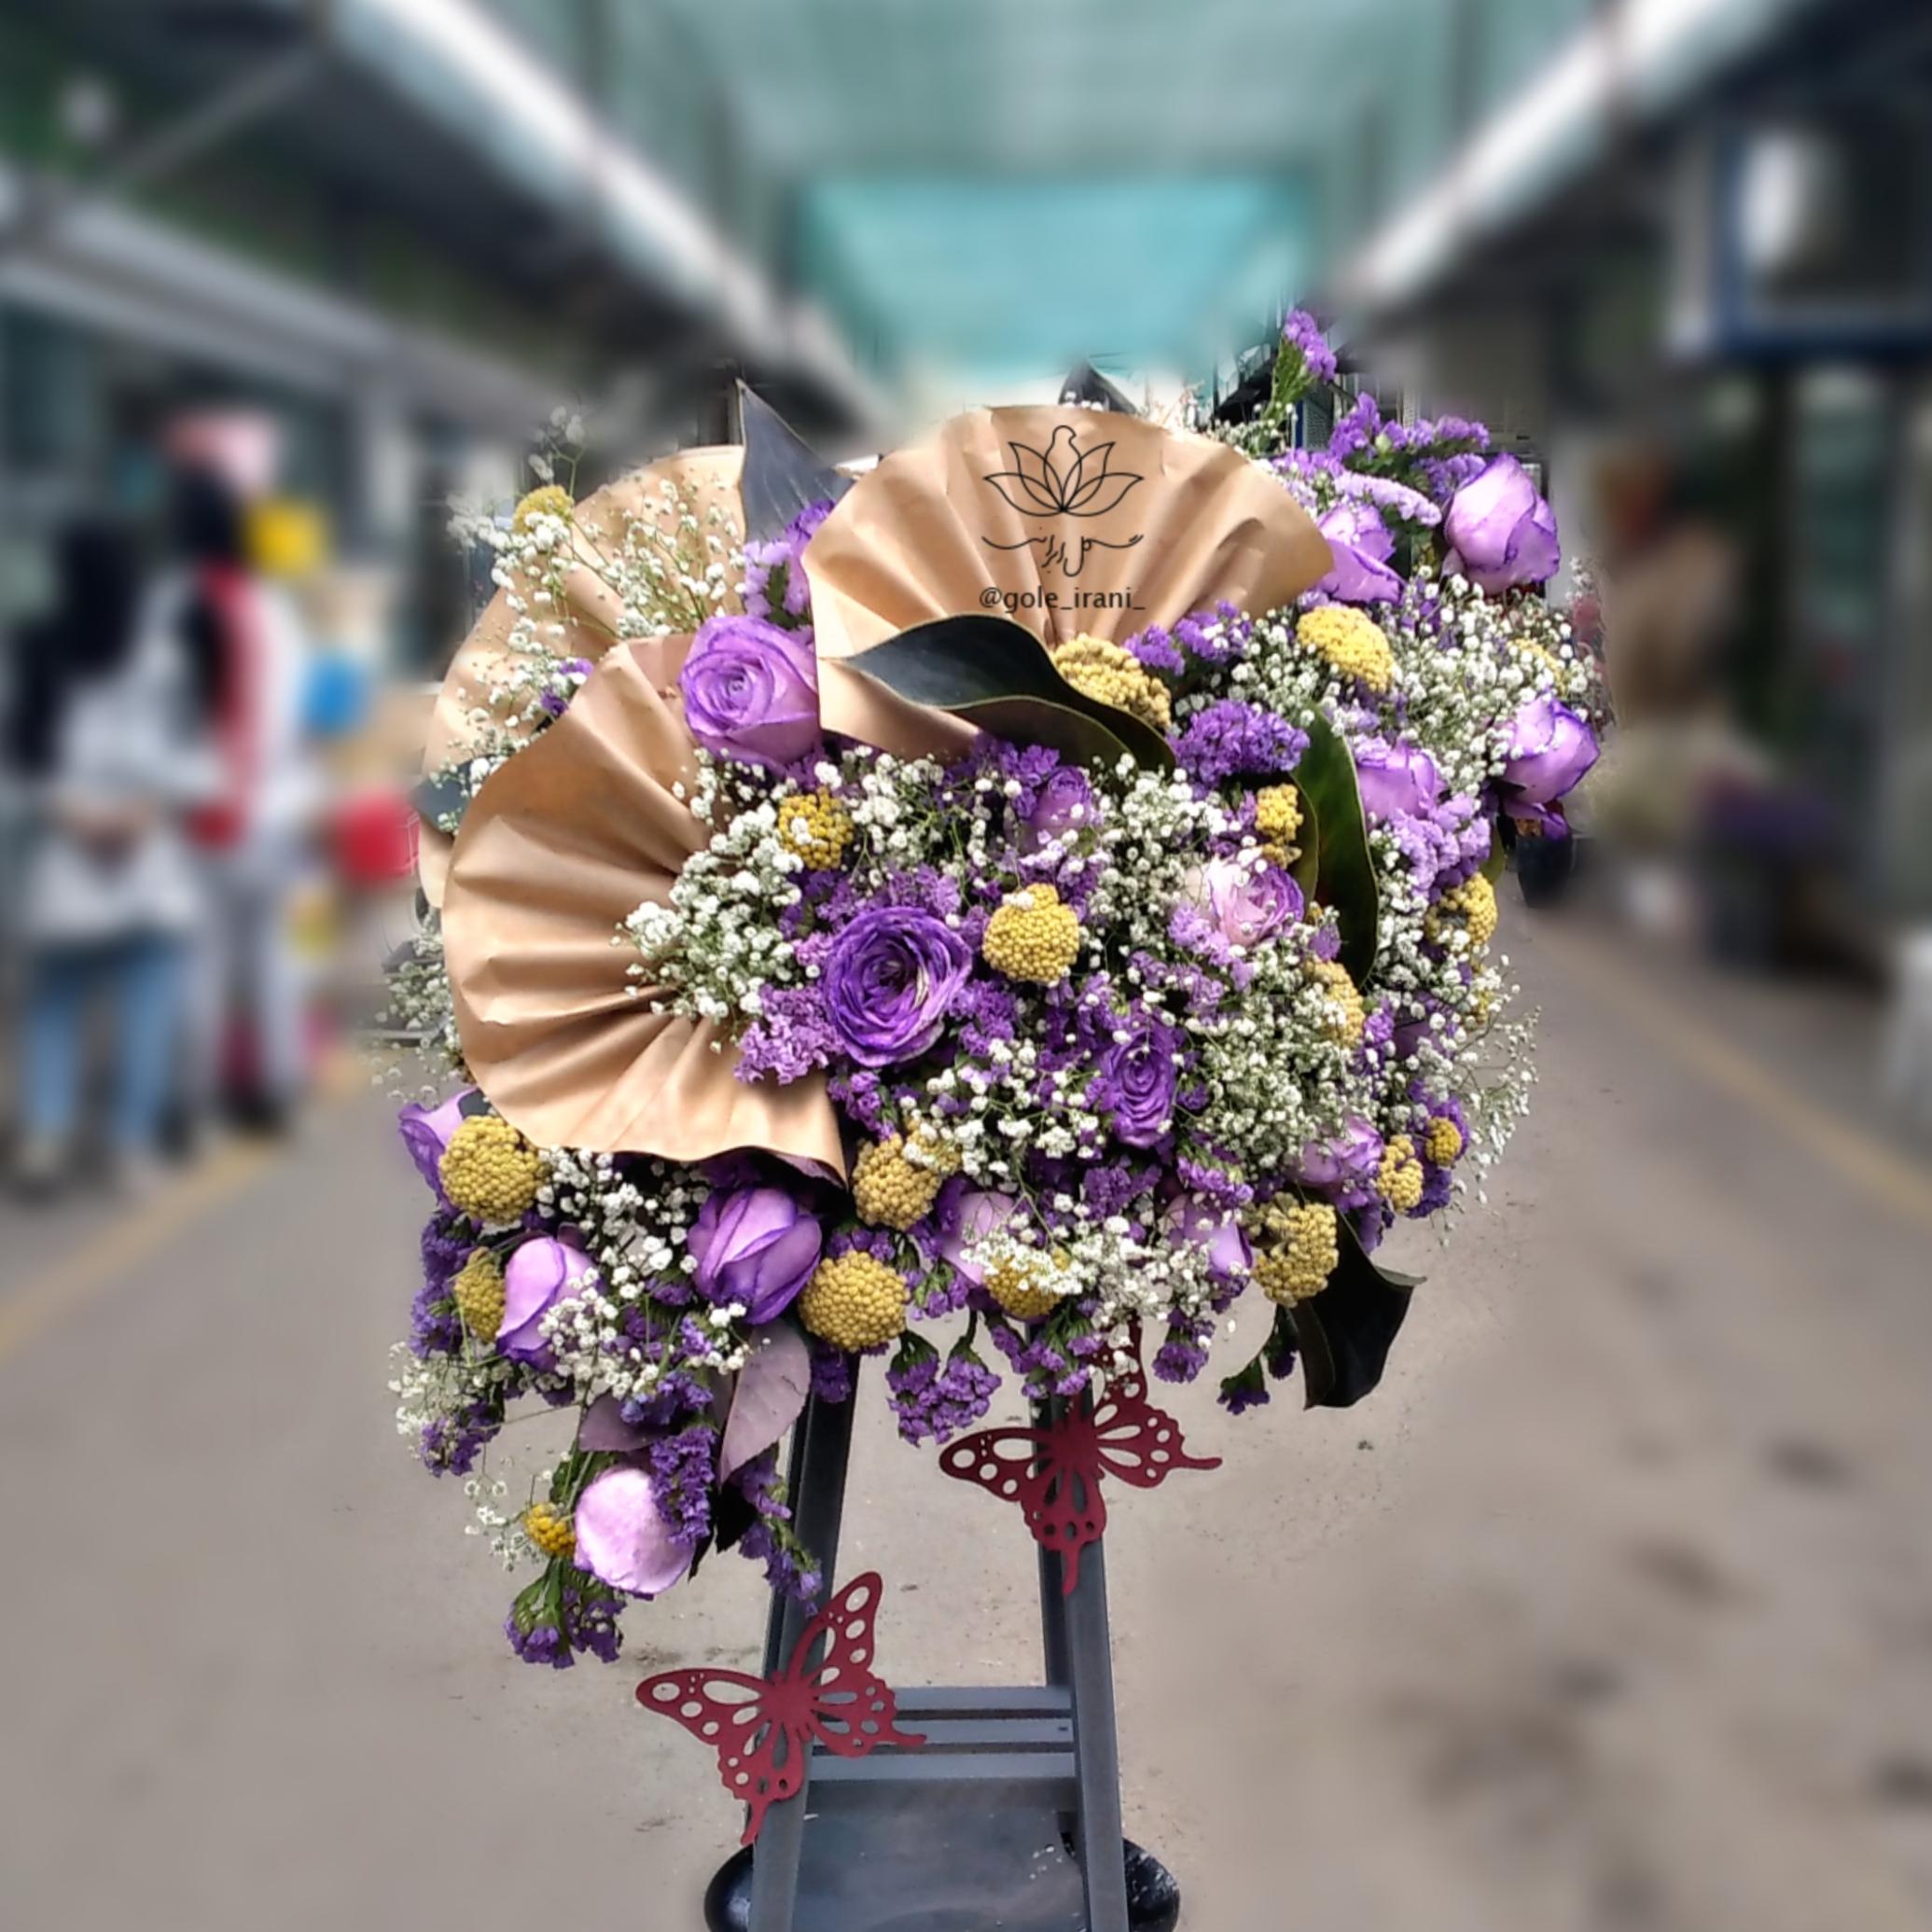 خرید و قیمت باکس گل رخسار سفارش باکس گل از بازار آنلاین گل ایرانی باکس گل ارزان باکس گل تولد